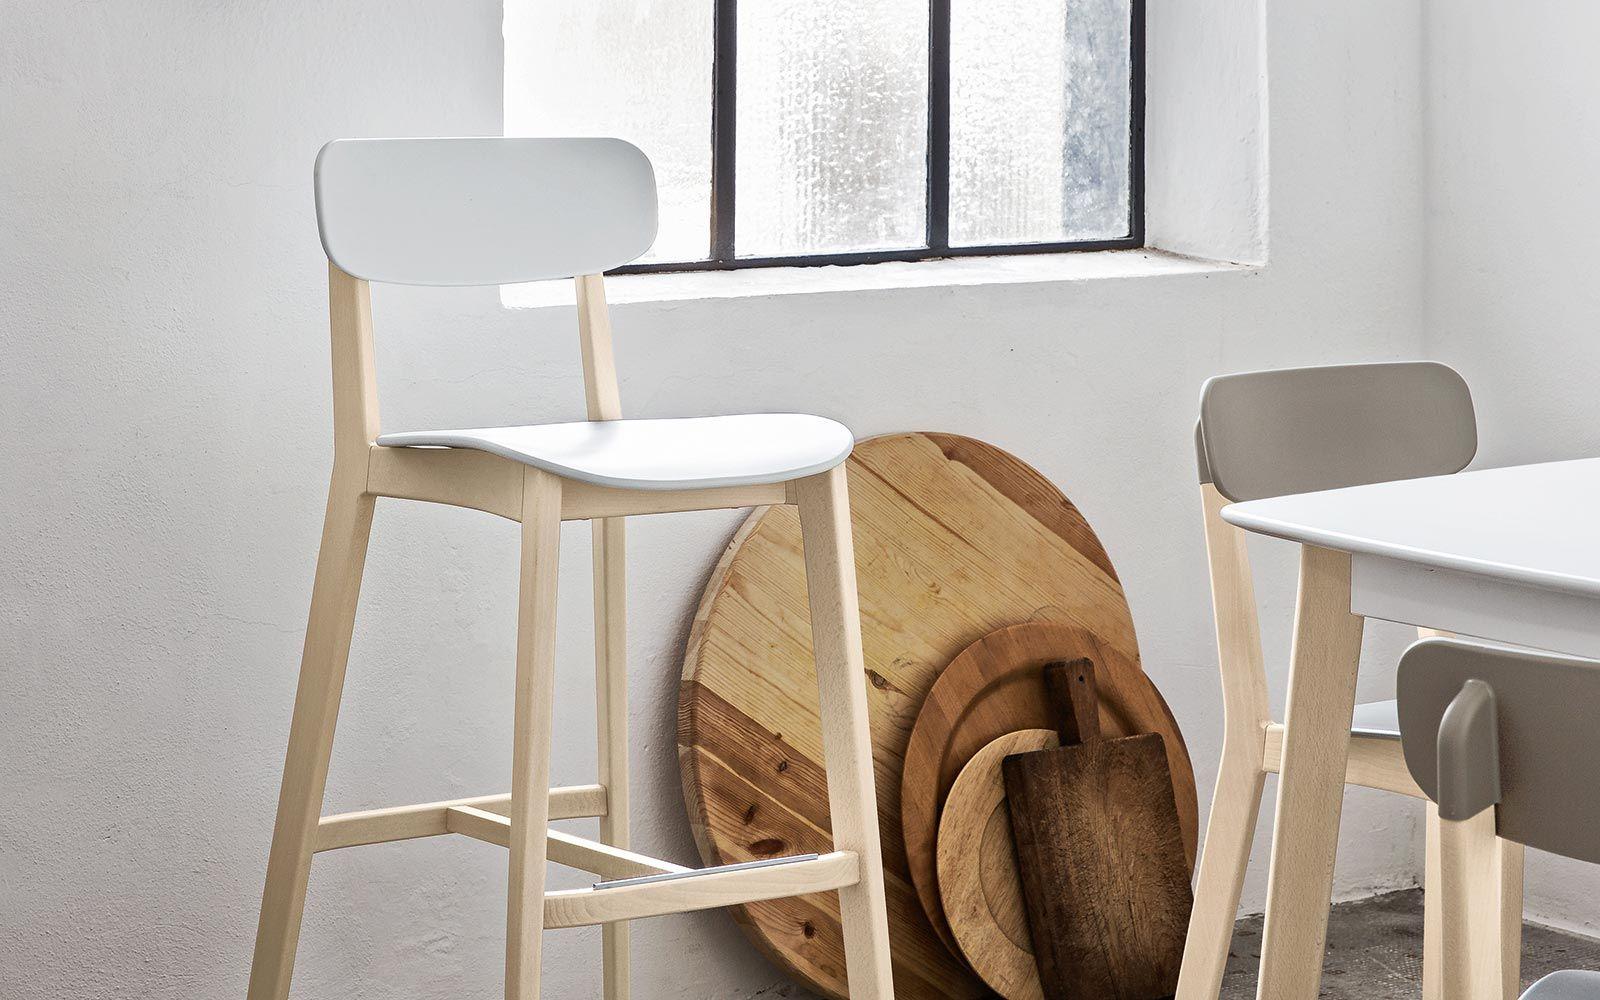 Sgabello in legno con seduta schienale in polipropilene cream